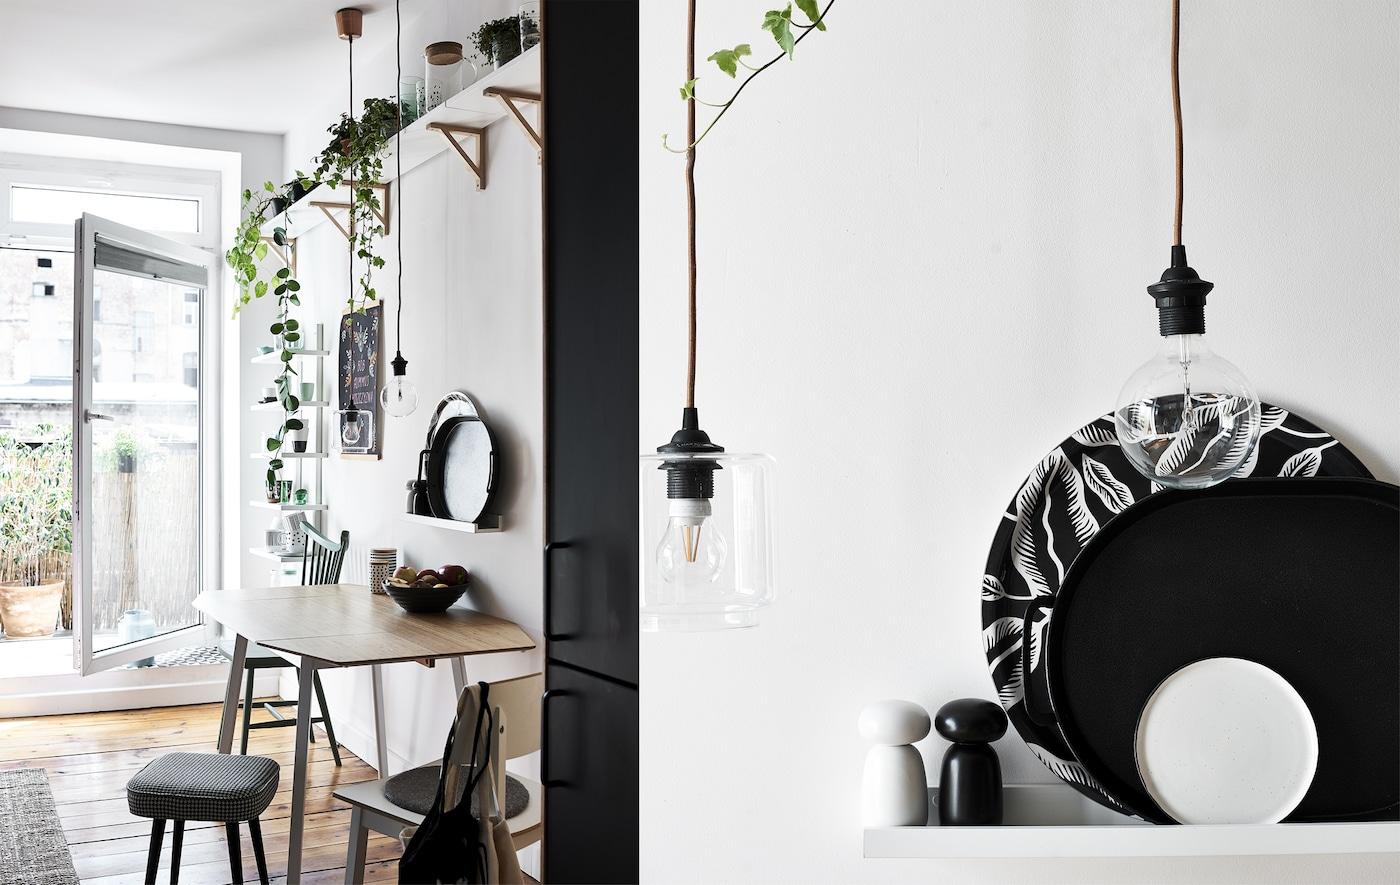 Piante su una mensola montata sopra a un tavolo da cucina, vassoi bianchi e neri e lampadine a incandescenza - IKEA